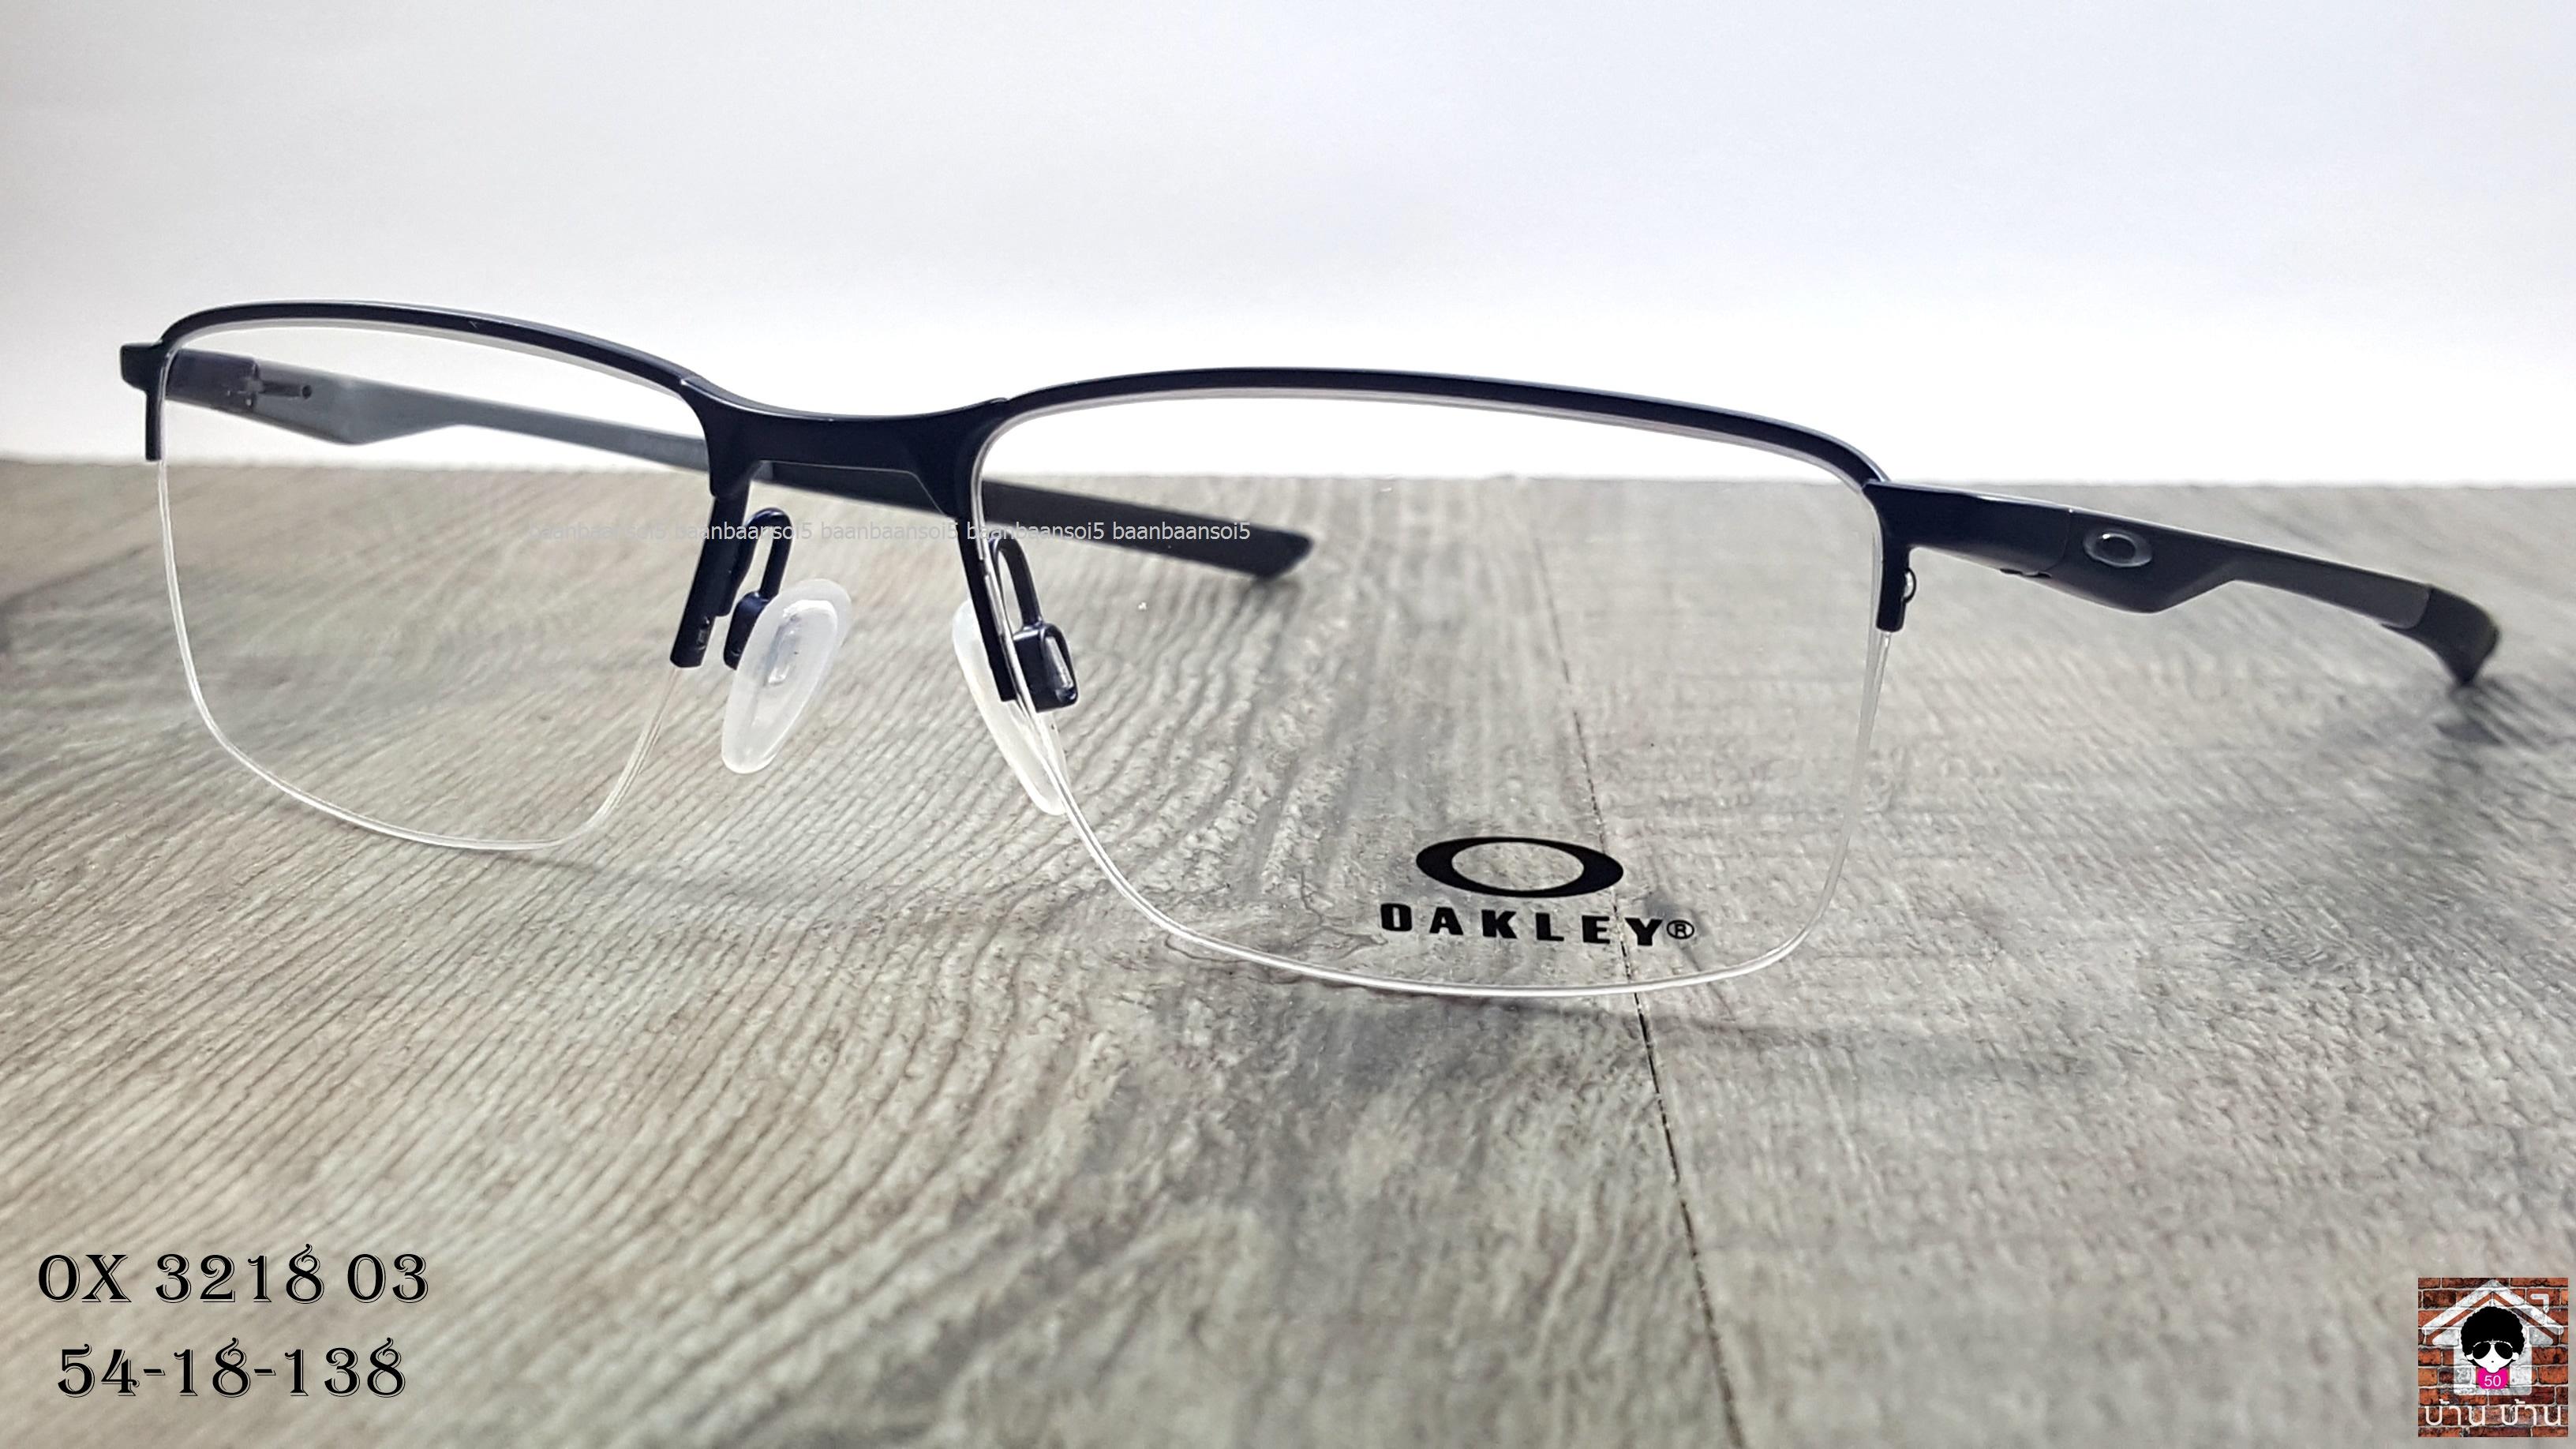 OAKLEY OX3218-03 SOCKET 5.5 โปรโมชั่น กรอบแว่นตาพร้อมเลนส์ HOYA ราคา 4,700 บาท